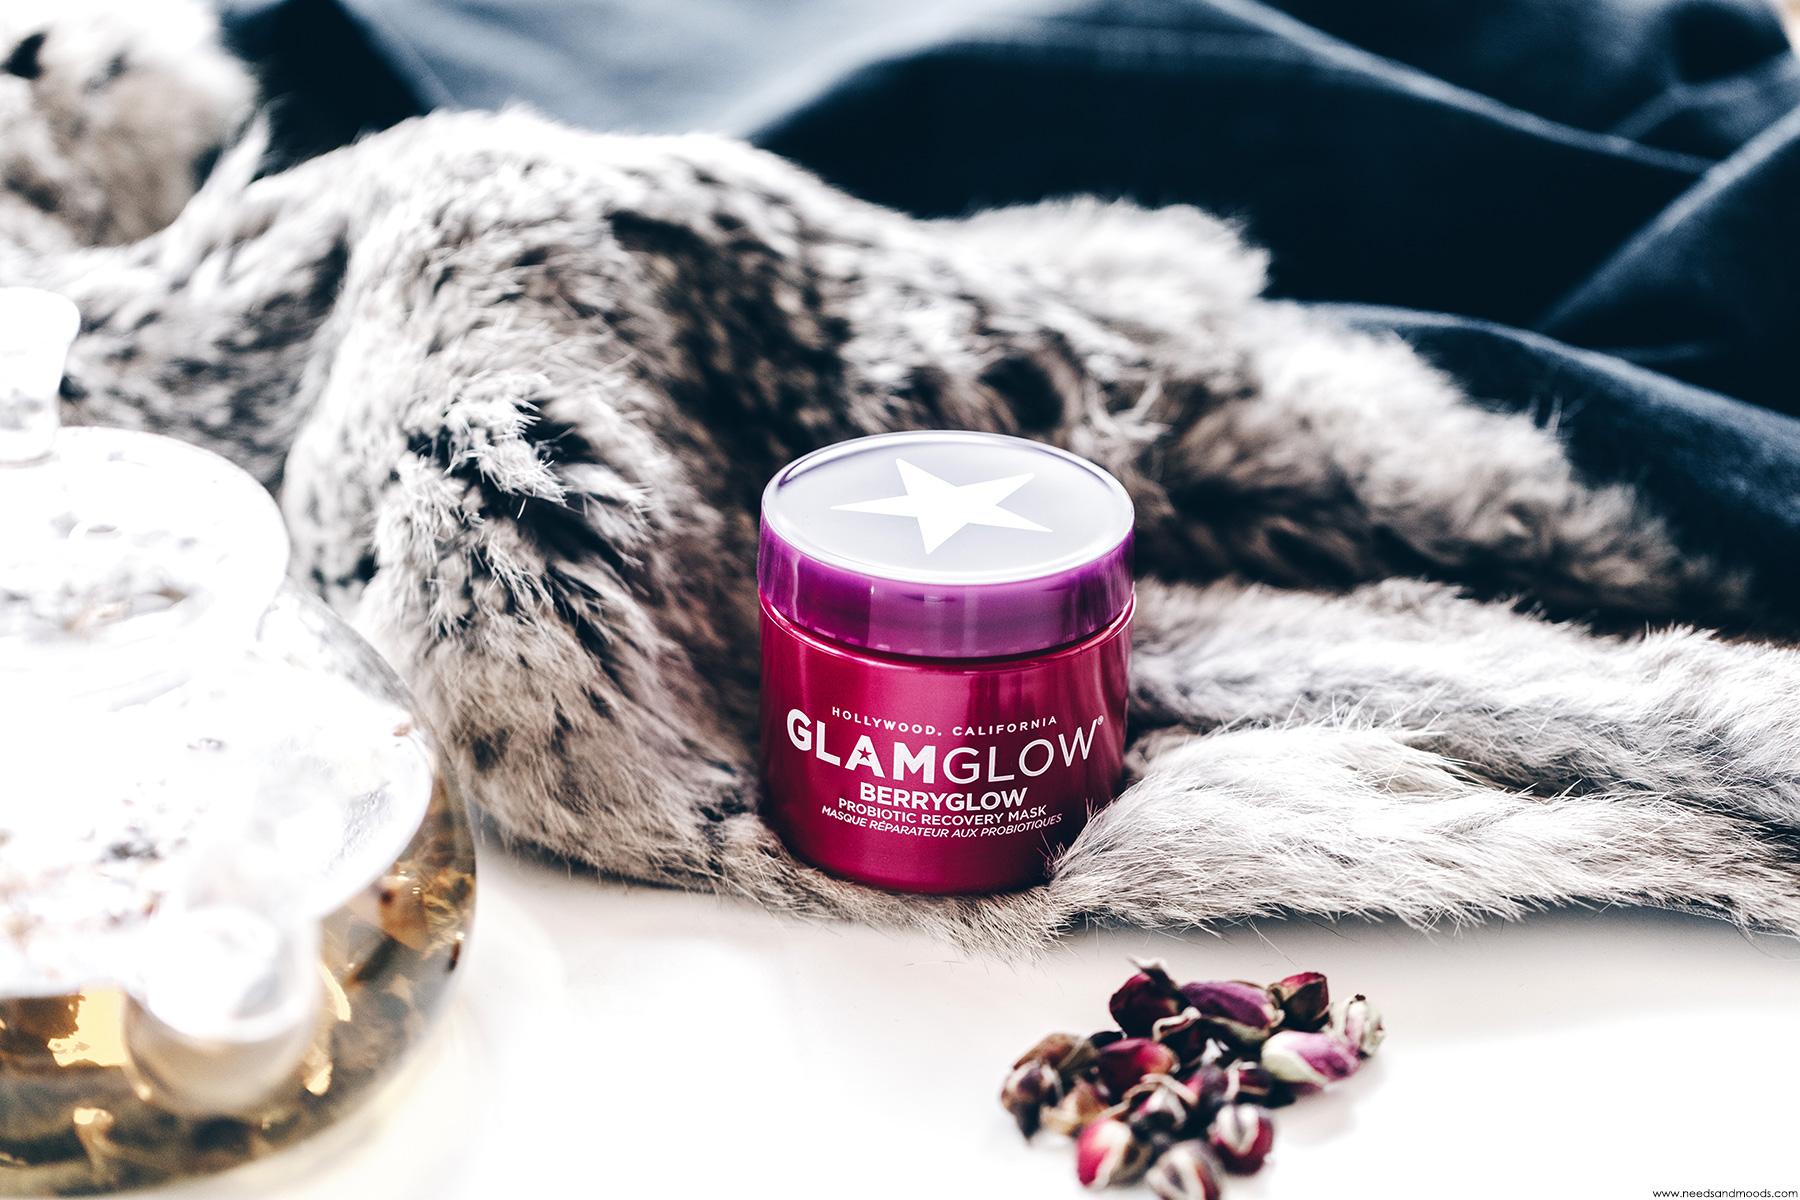 berryglow glamglow